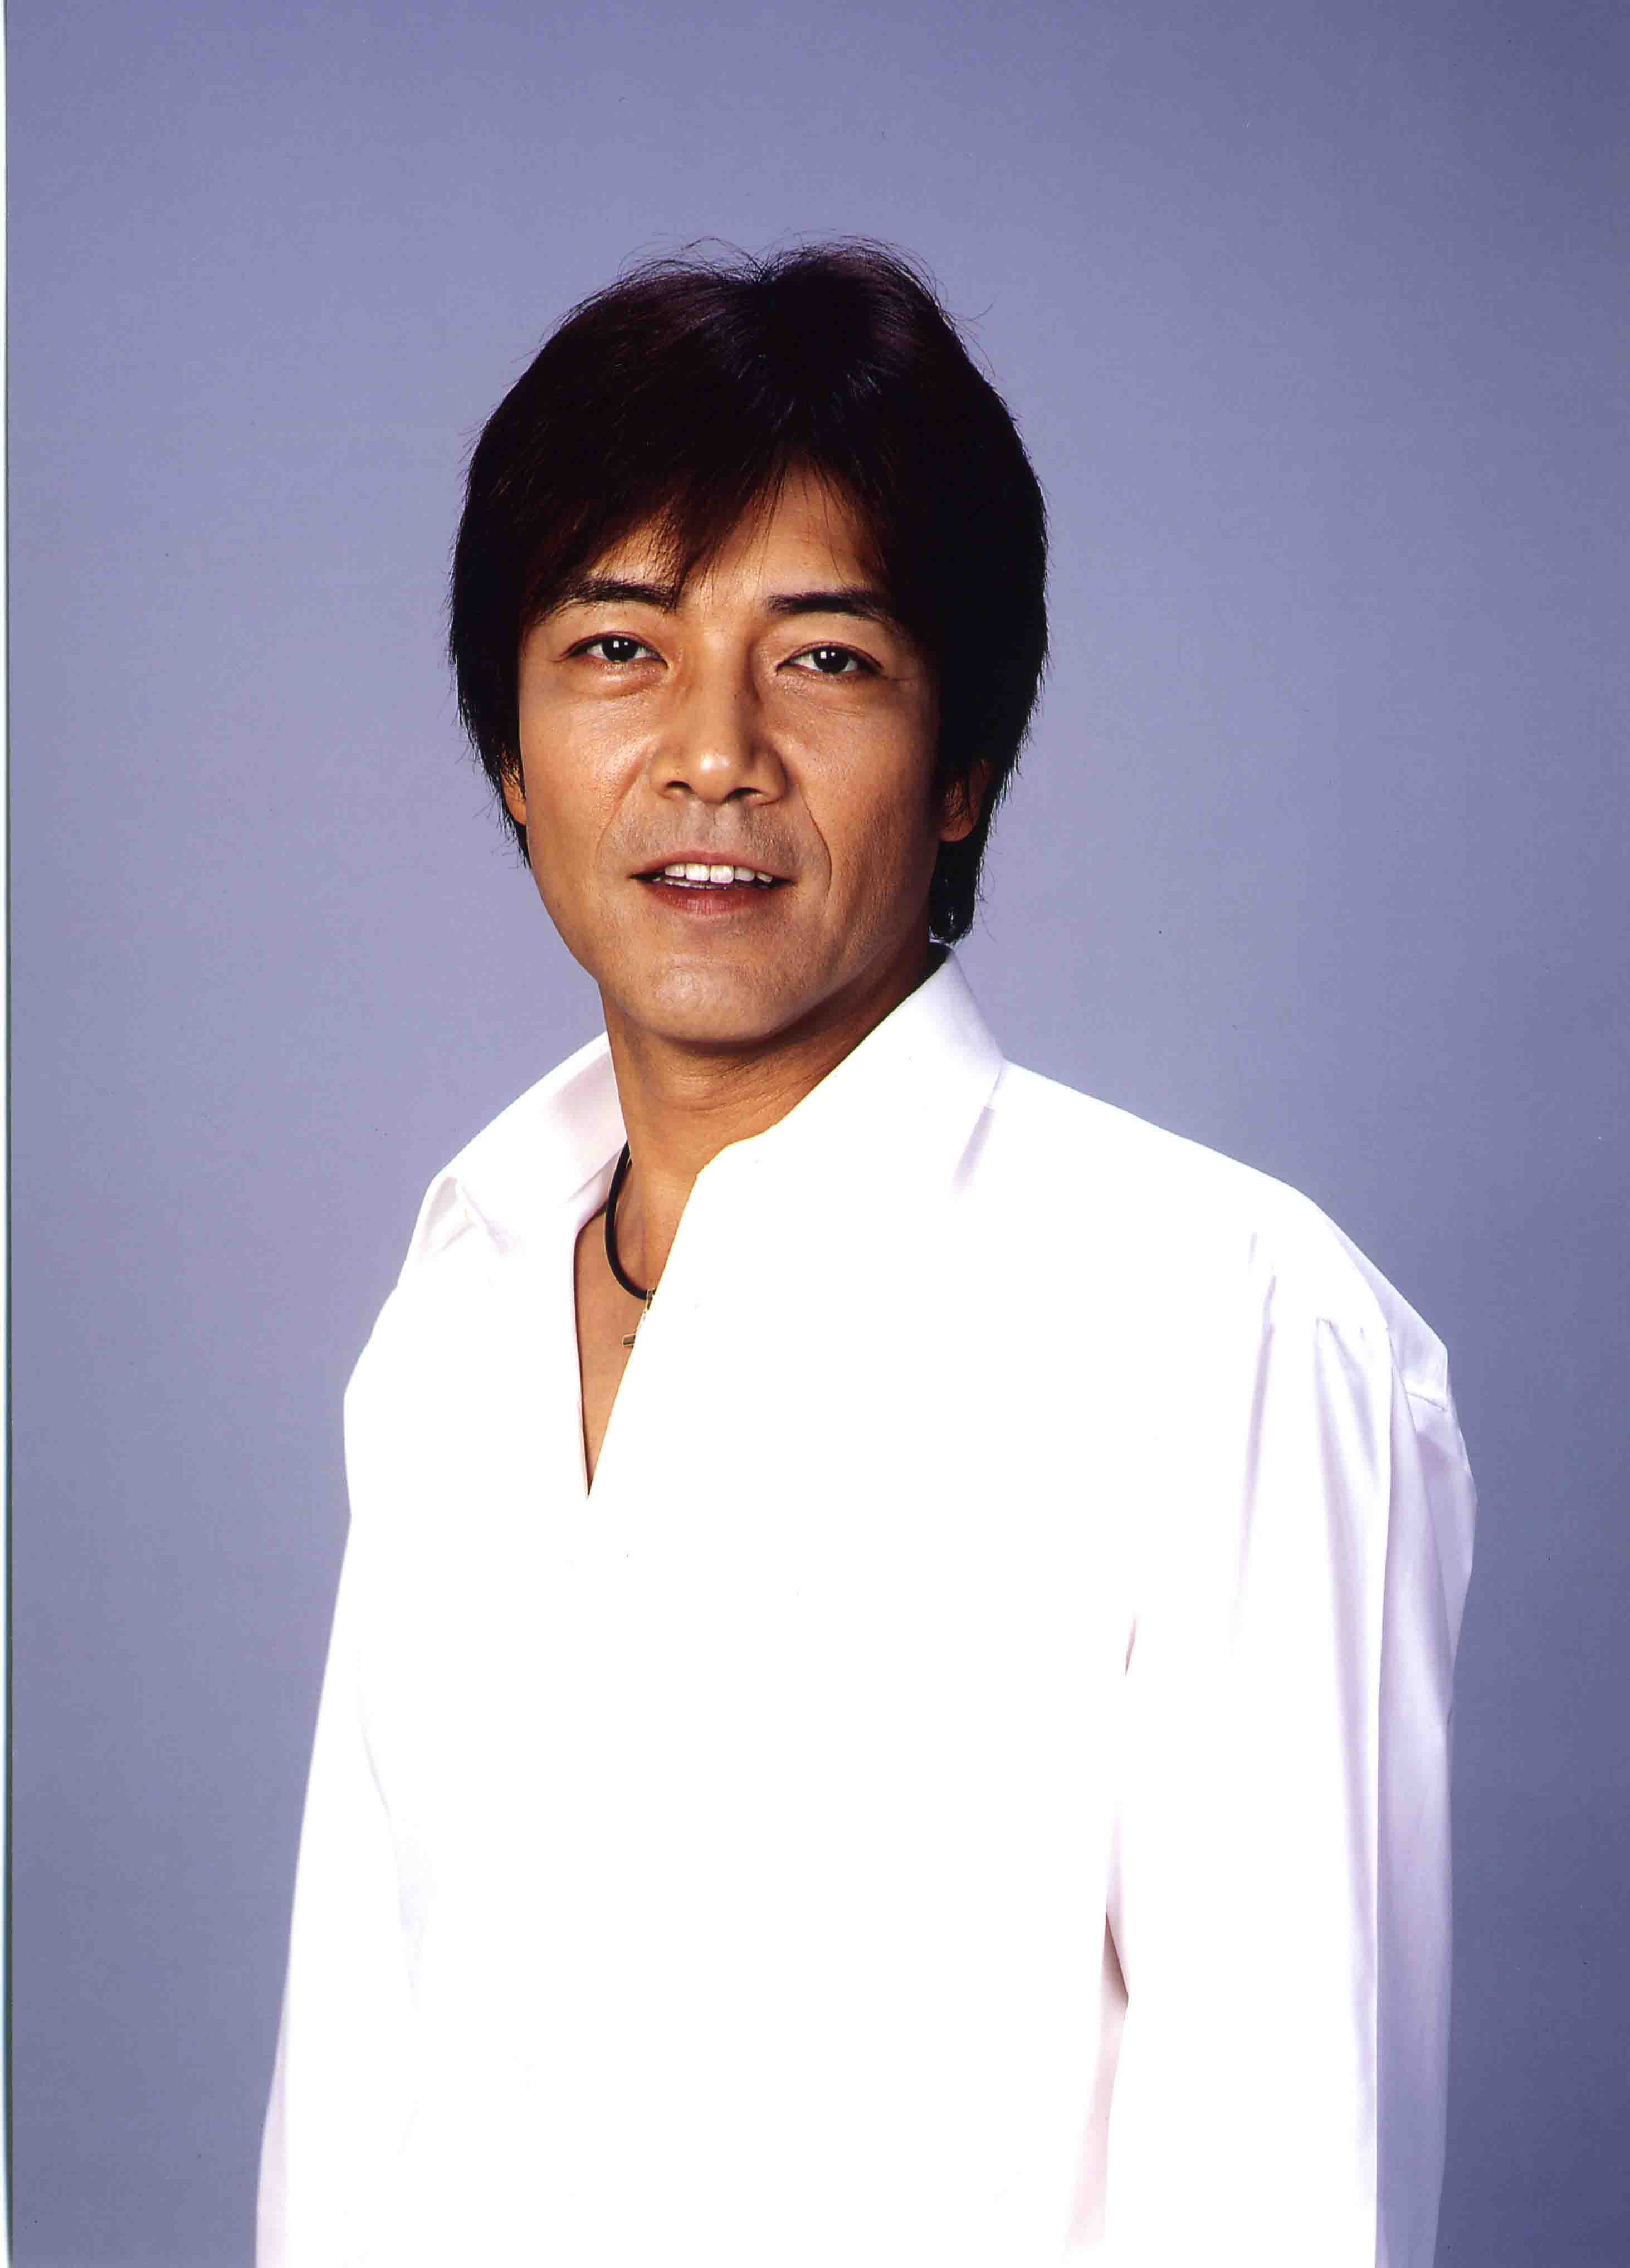 野口五郎さん、デビュー45周年記念コンサートに向けて鬼になる!?